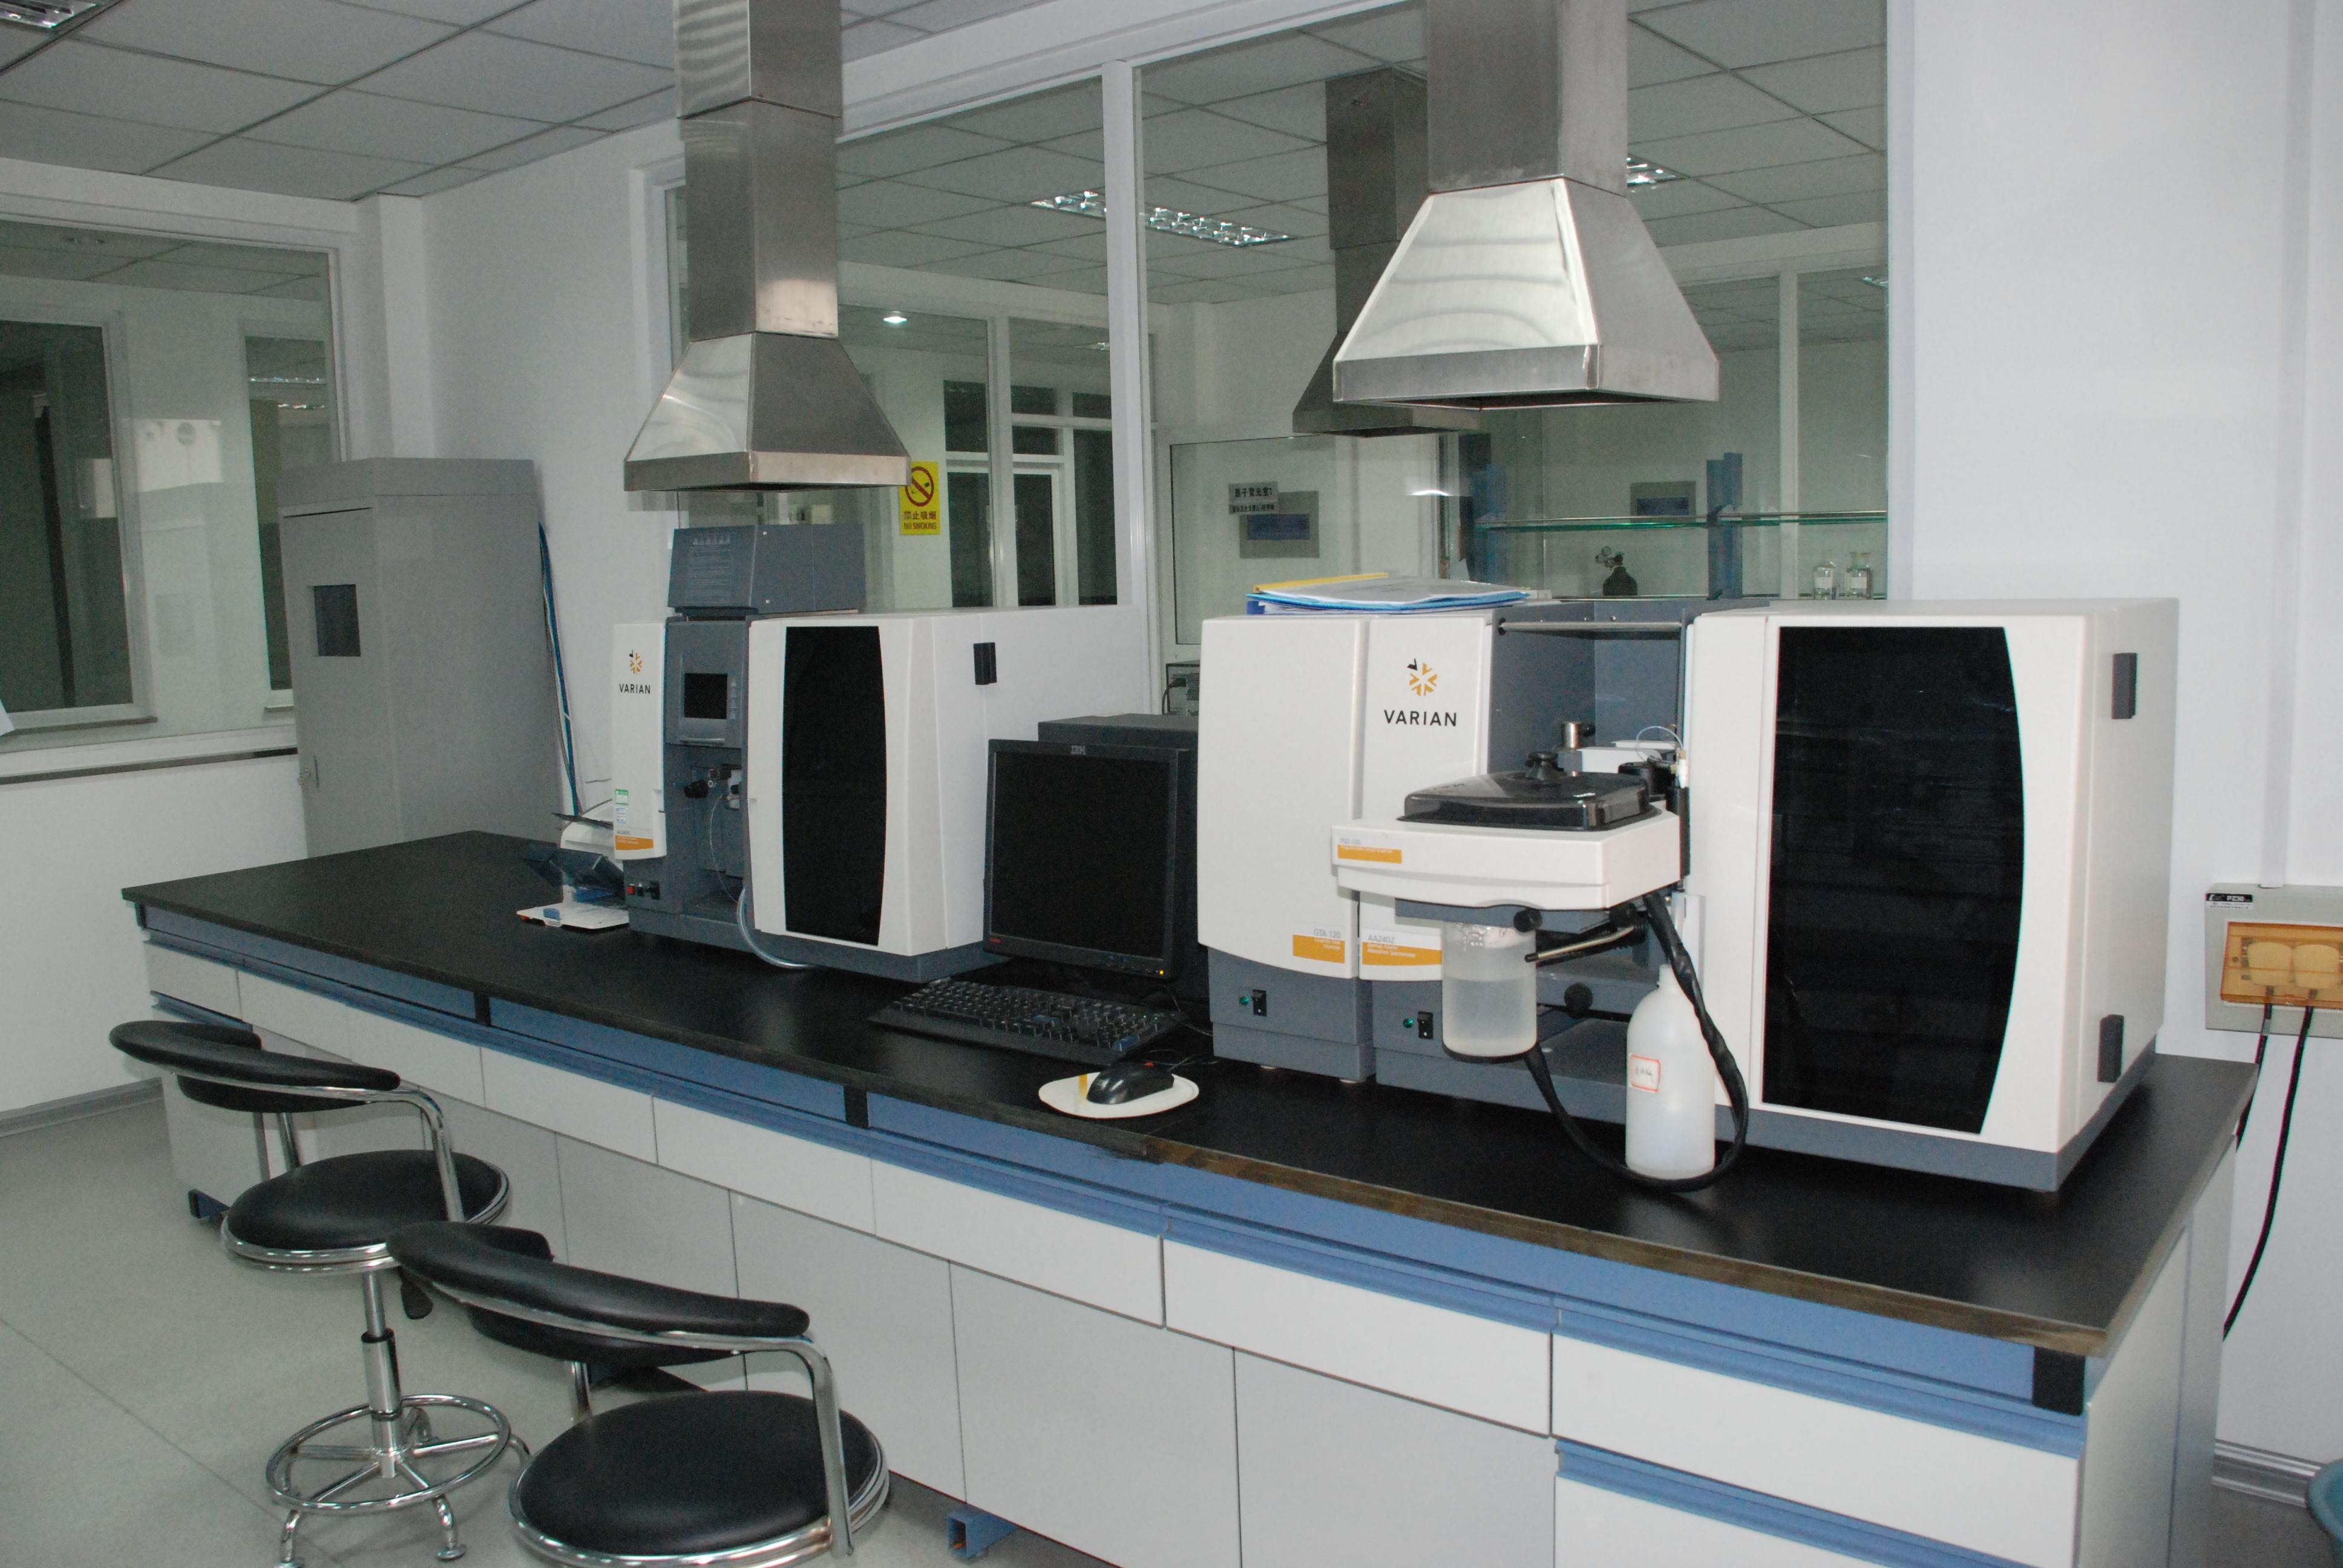 宁德市蕉城区测试仪器校准-宁德市蕉城区实验仪器校正